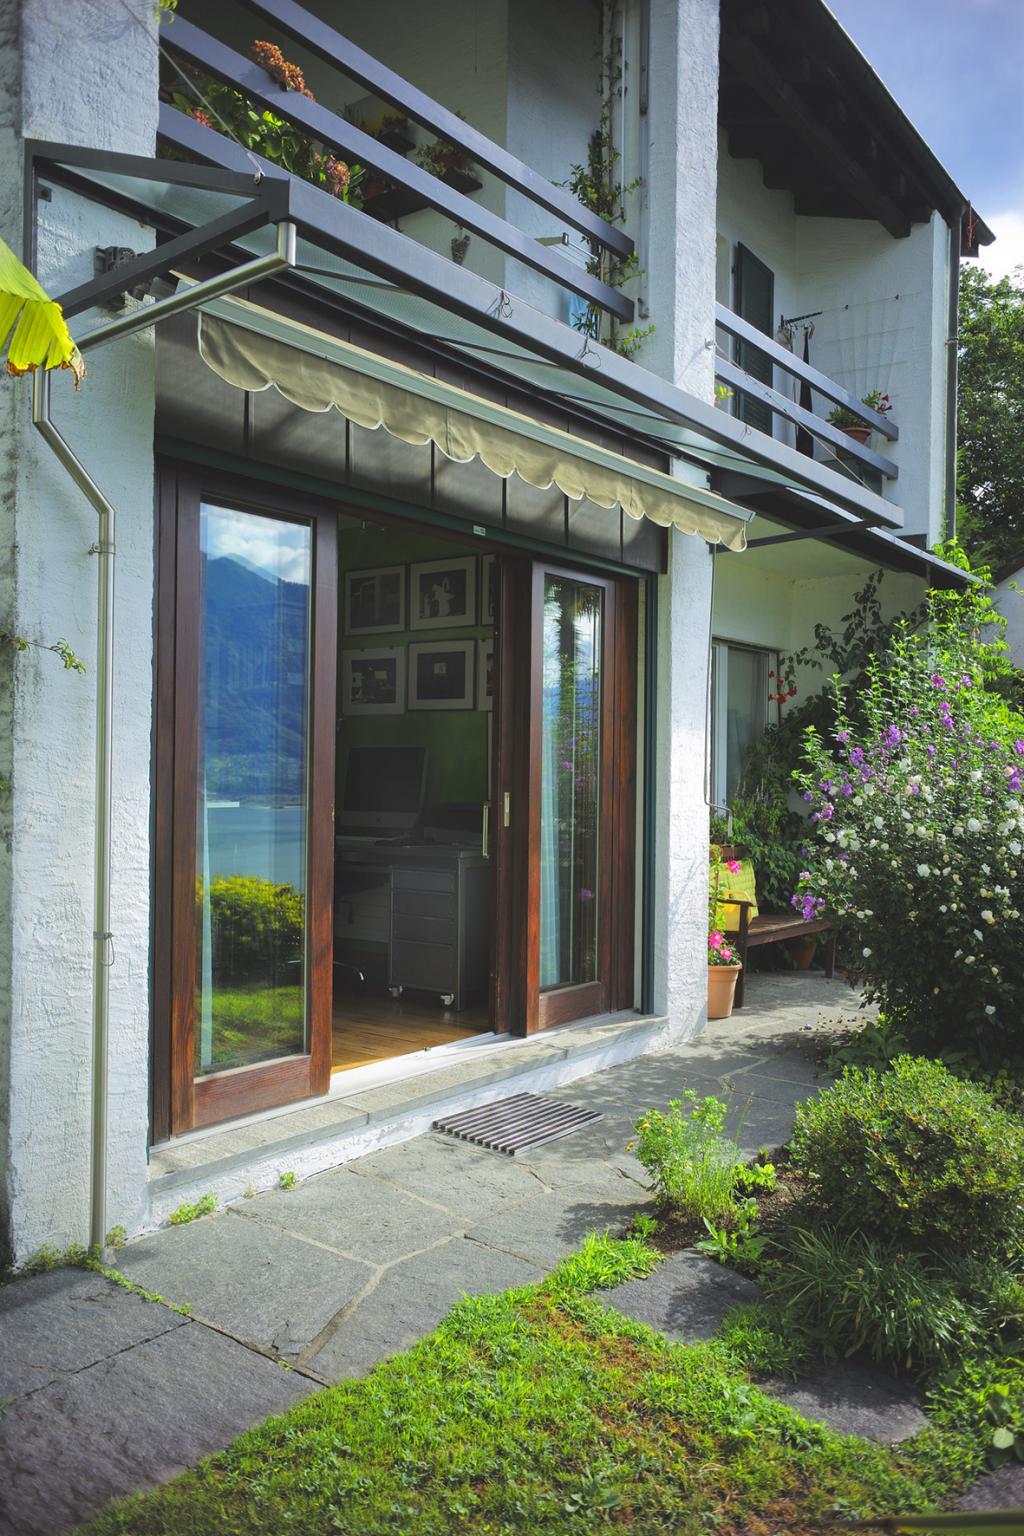 Alleinstehendes Haus von 70 m² zur Miete in | Immoving